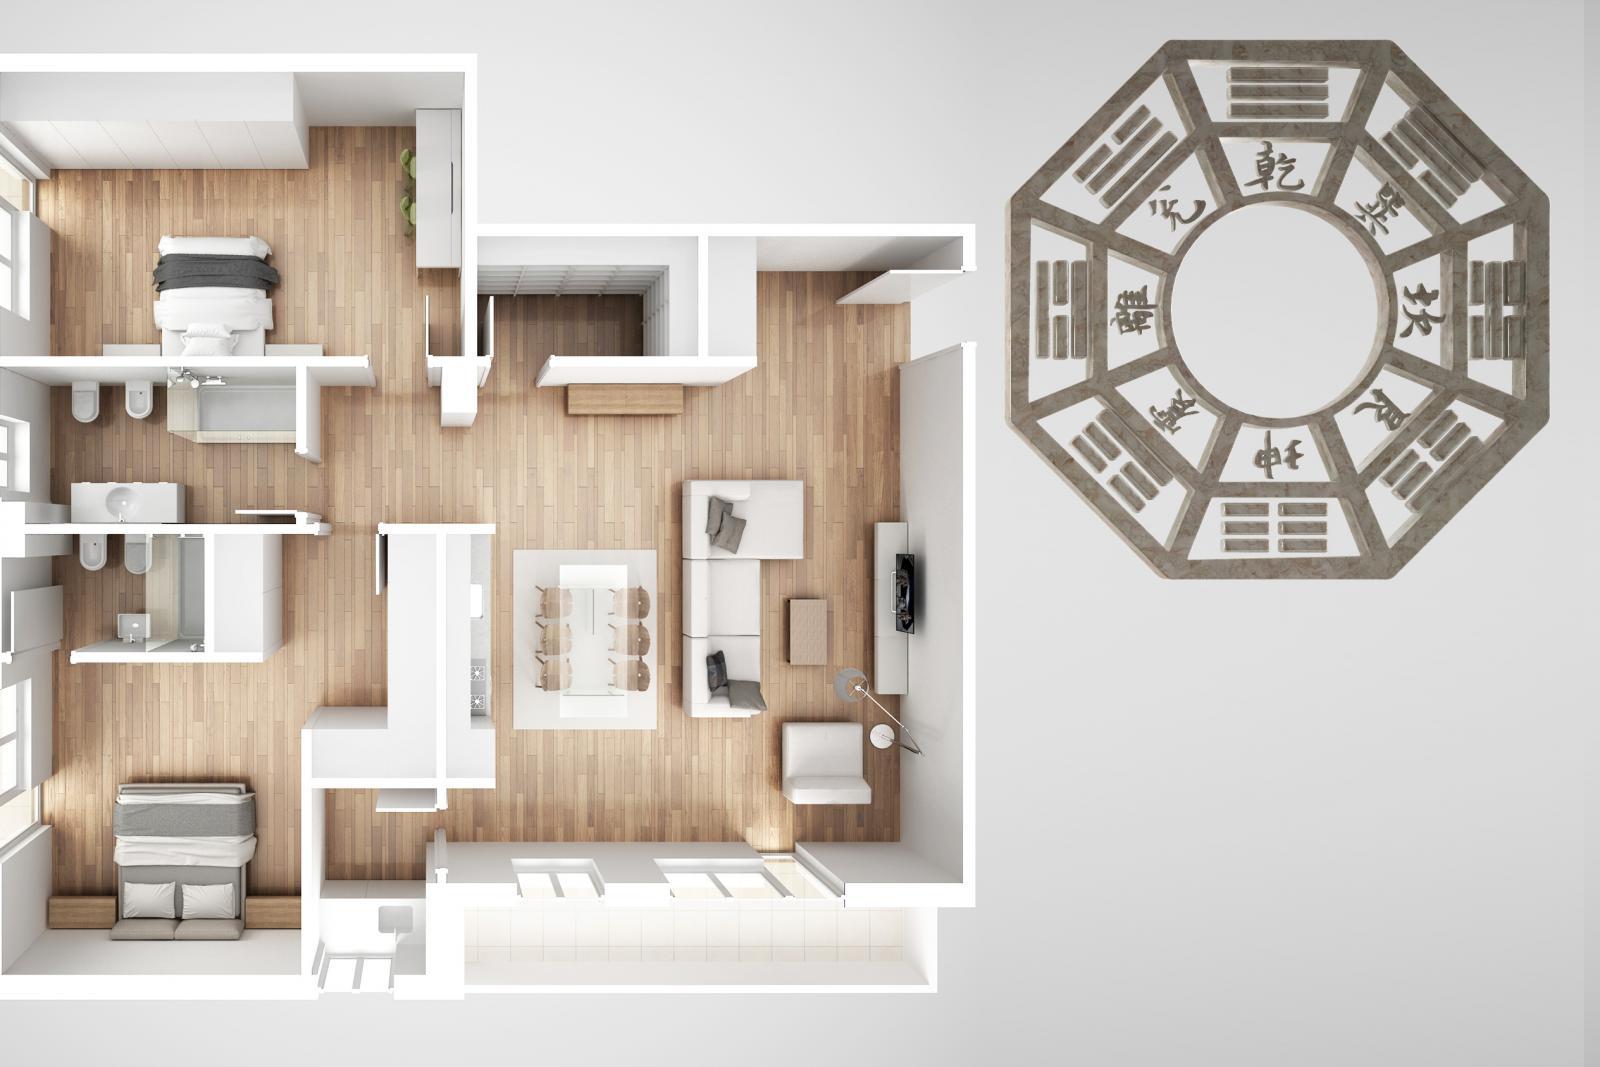 Diagrama de una casa y un bagua